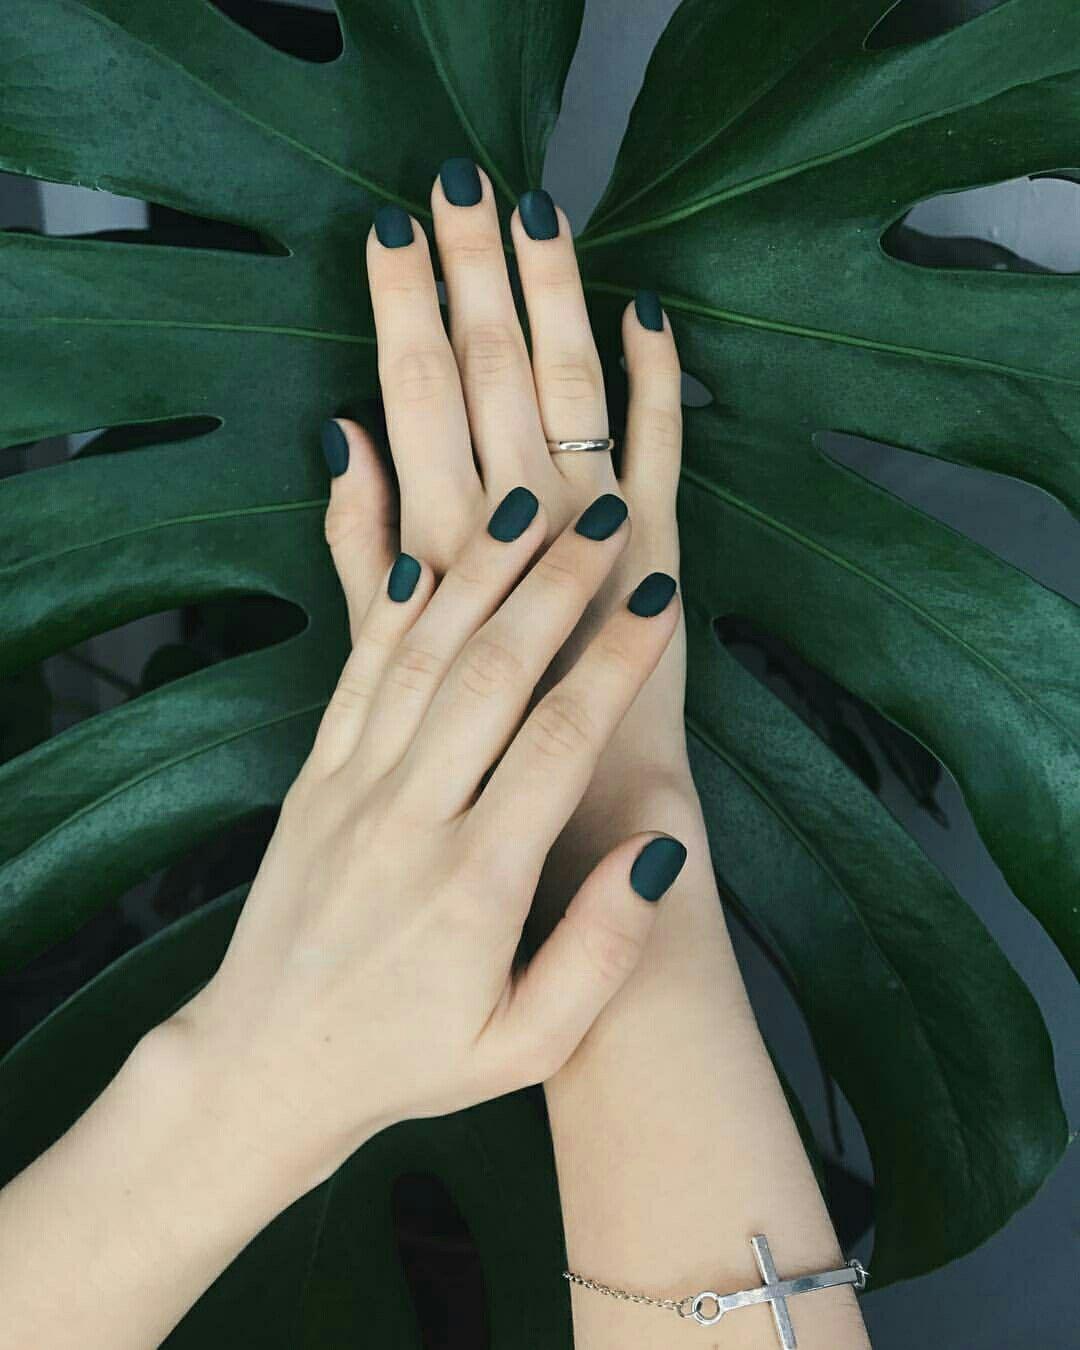 Pin de Lau en Uñas   Pinterest   Arte de uñas, Diseños de uñas y Deberes